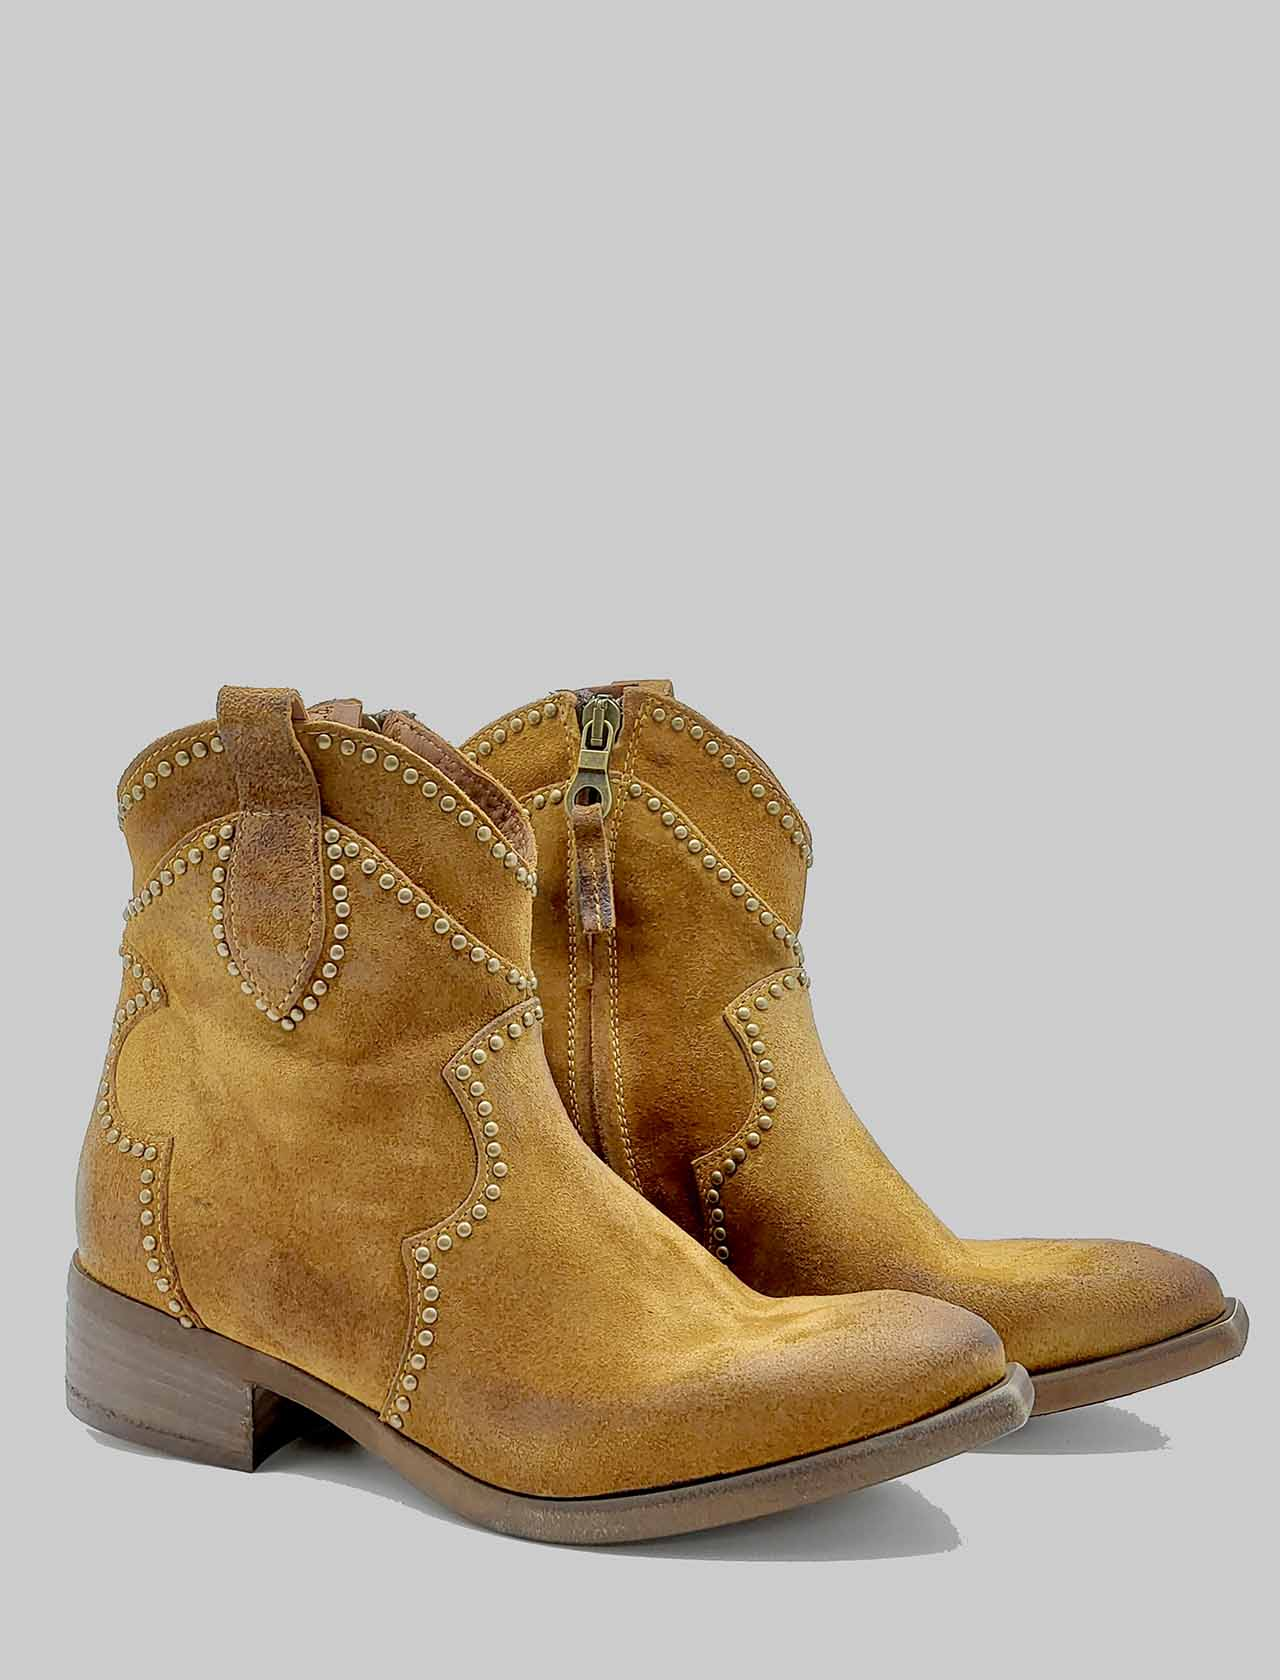 Calzature Donna Stivaletti Texani In Camoscio Cuoio Con Borchie Zoe | Stivaletti | INVIT02014